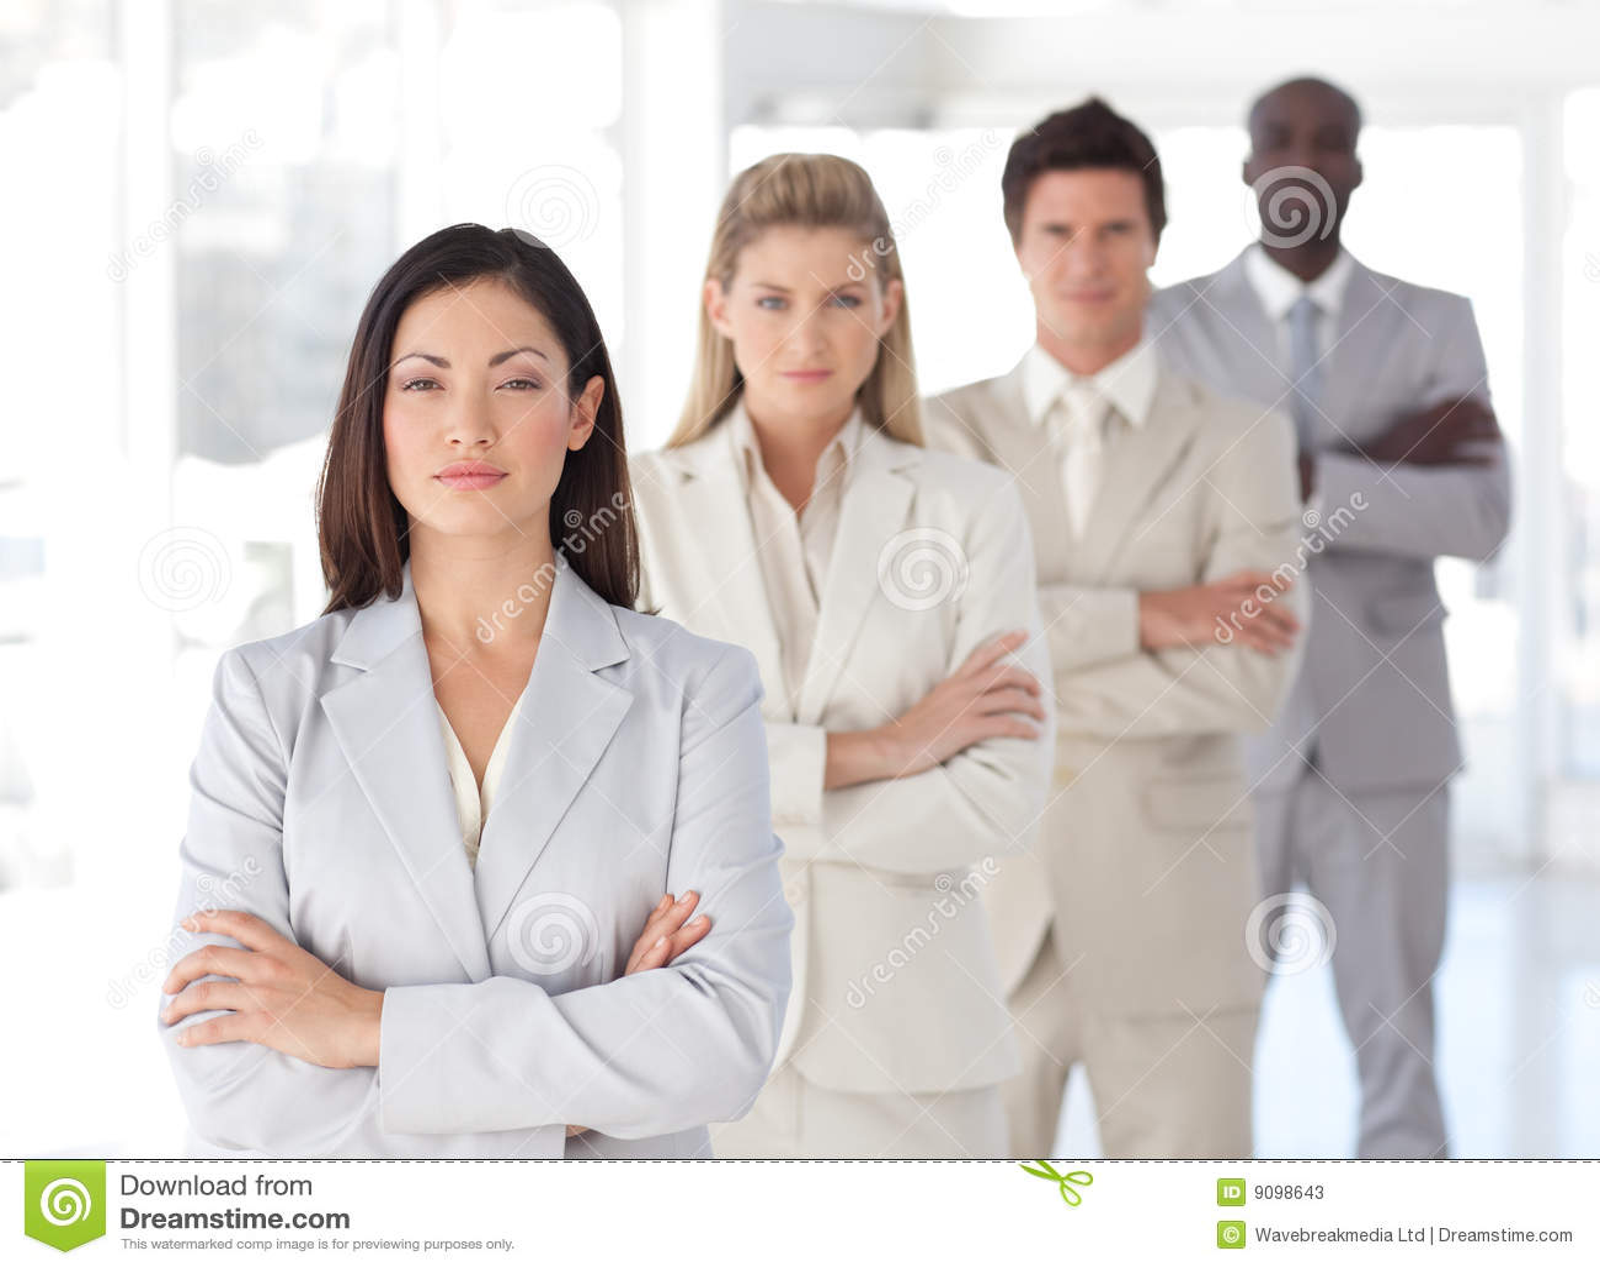 Ernster führender Vertreter der Wirtschaft vor Team